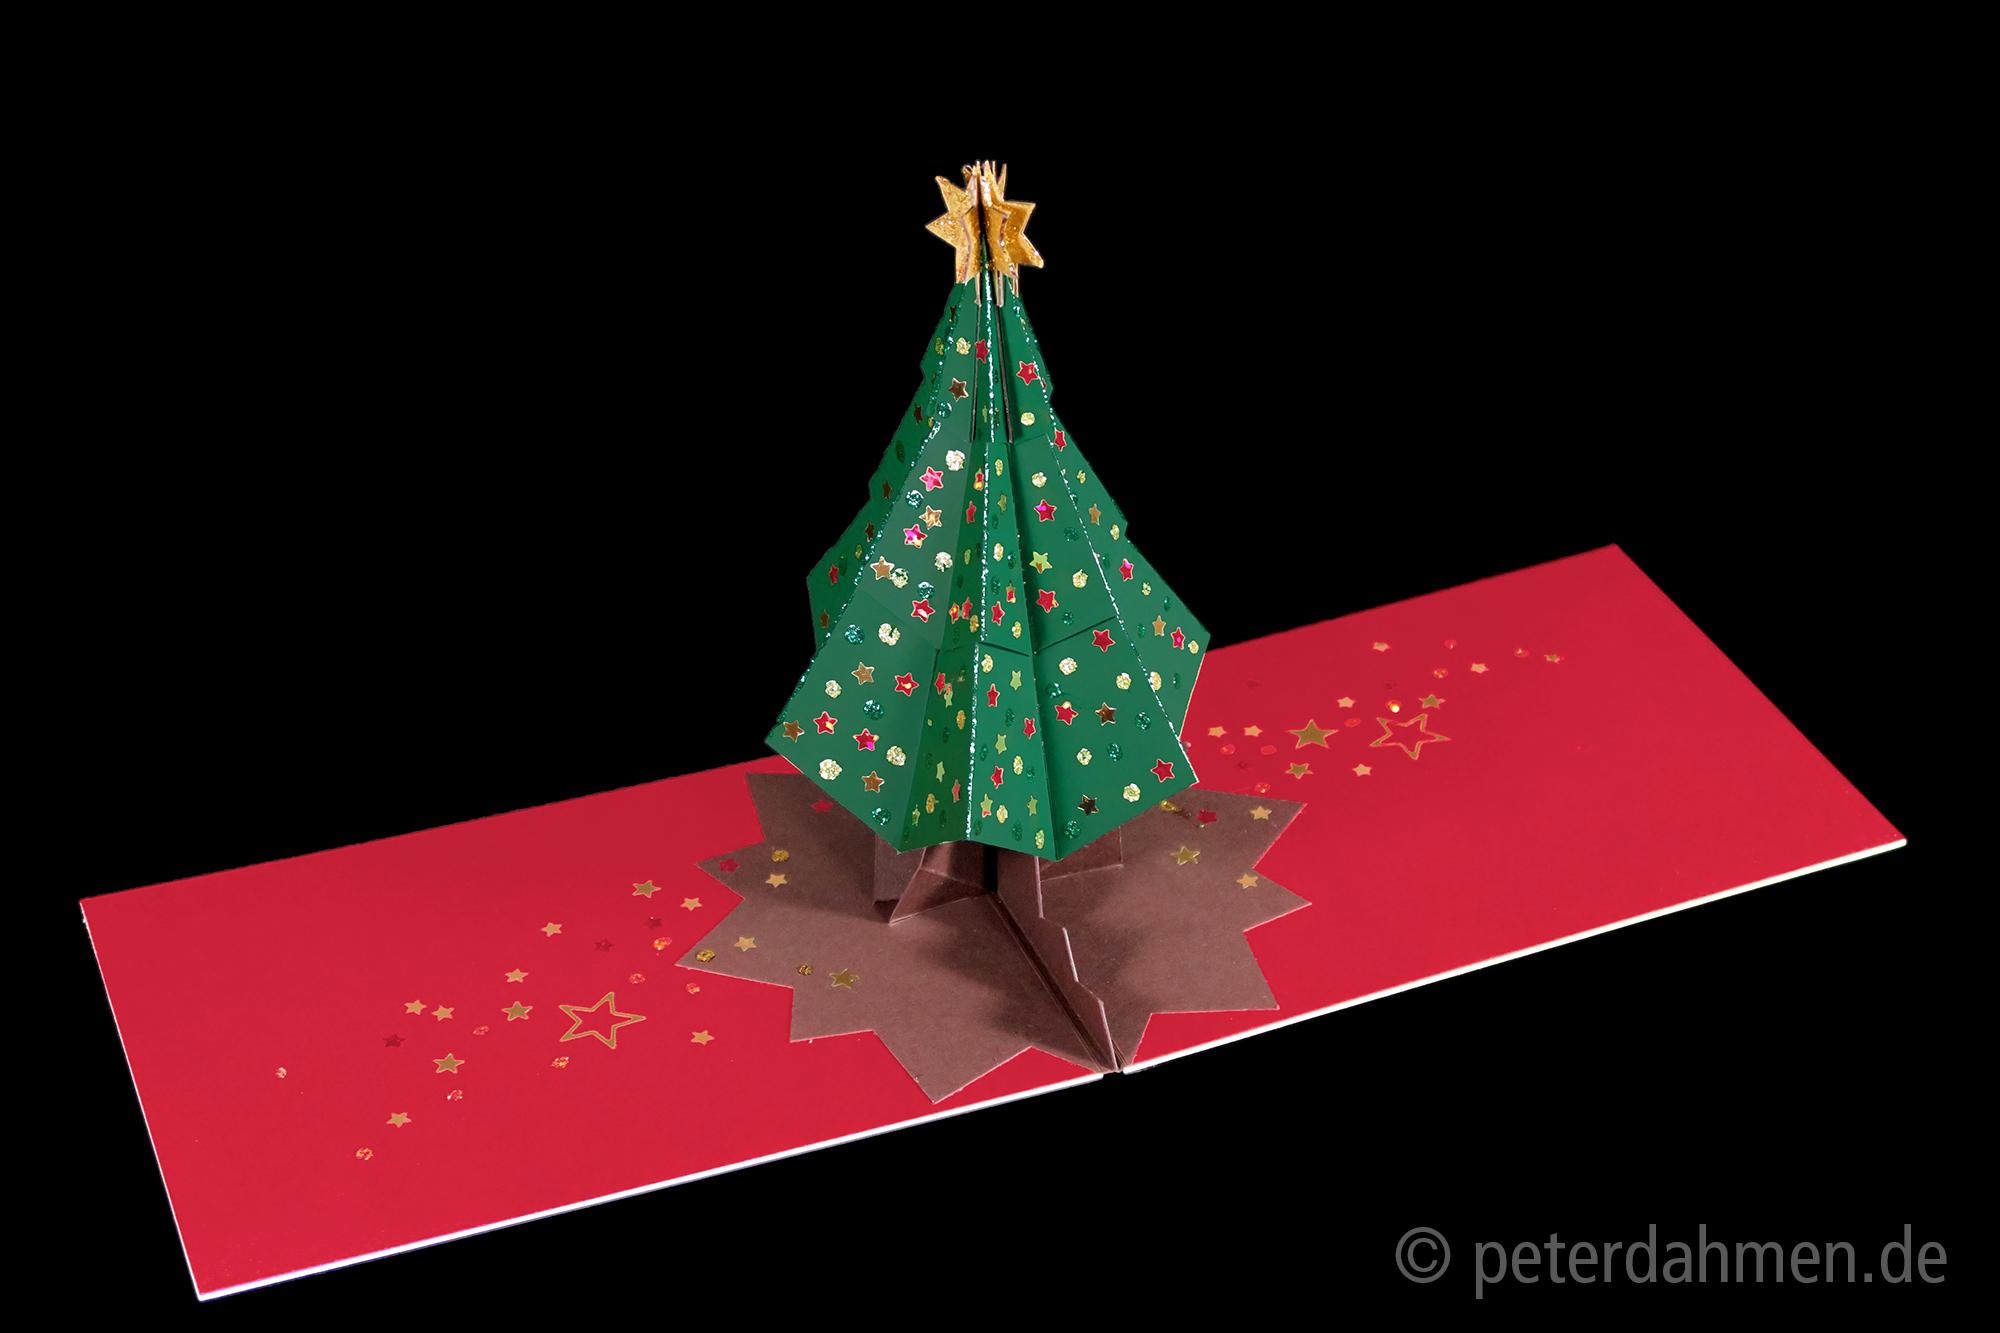 Christmas Tree Peter Dahmen